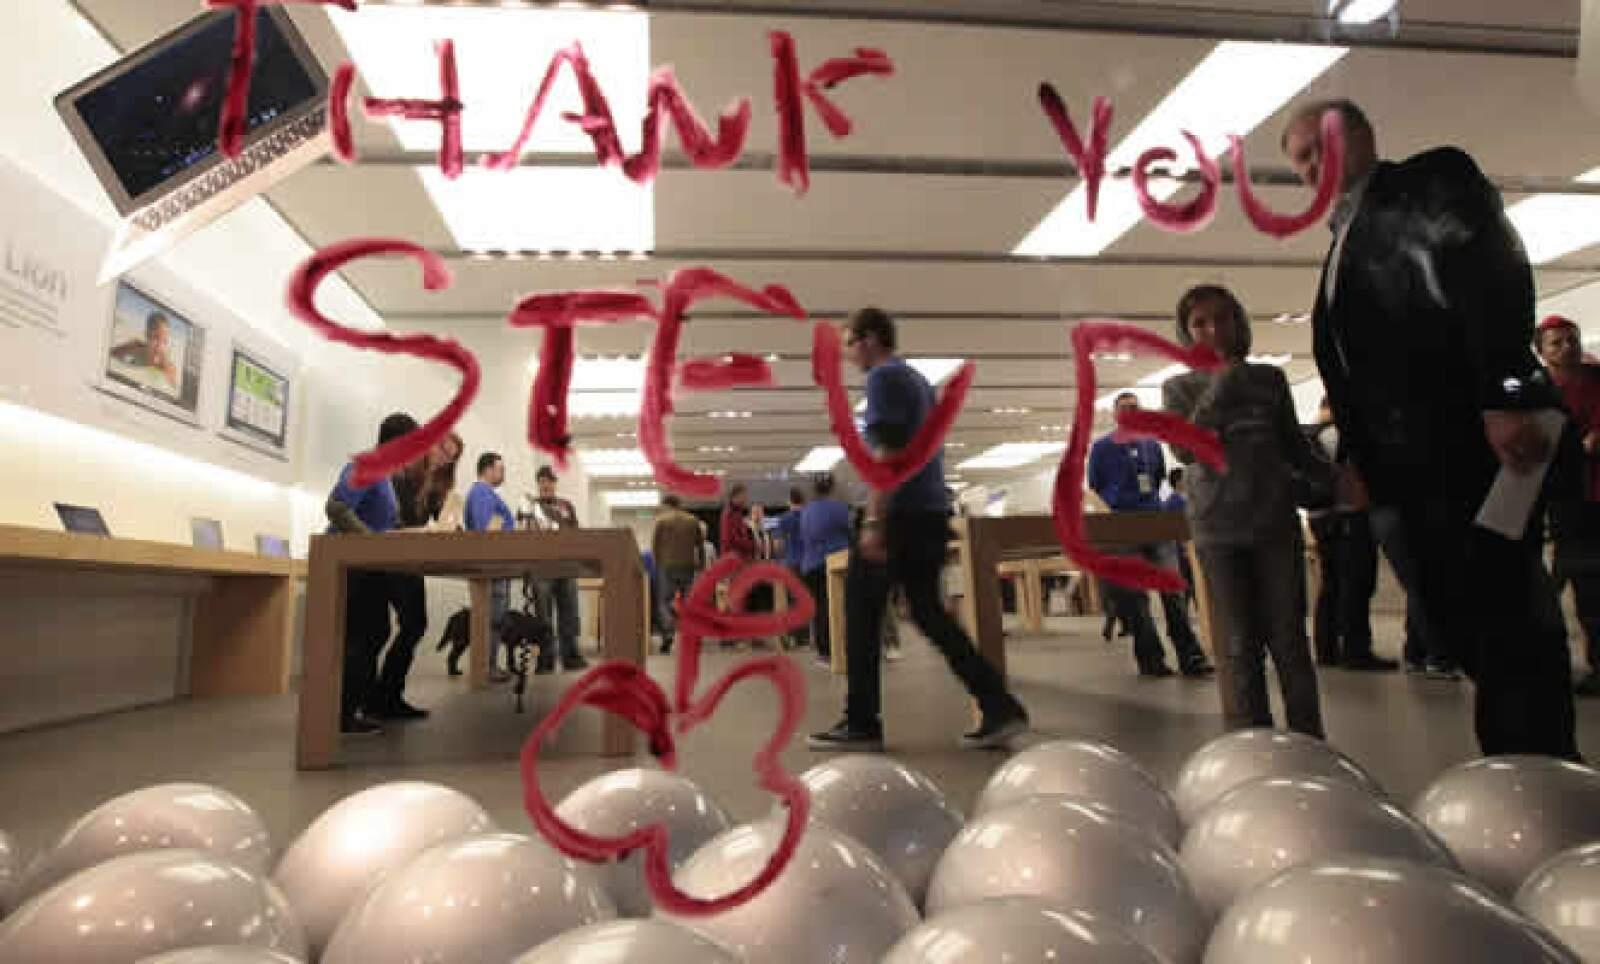 Los fanáticos de la firma de la manzana no tardaron en mostrar sus mensajes de agradecimiento a la figura de Steve Jobs.